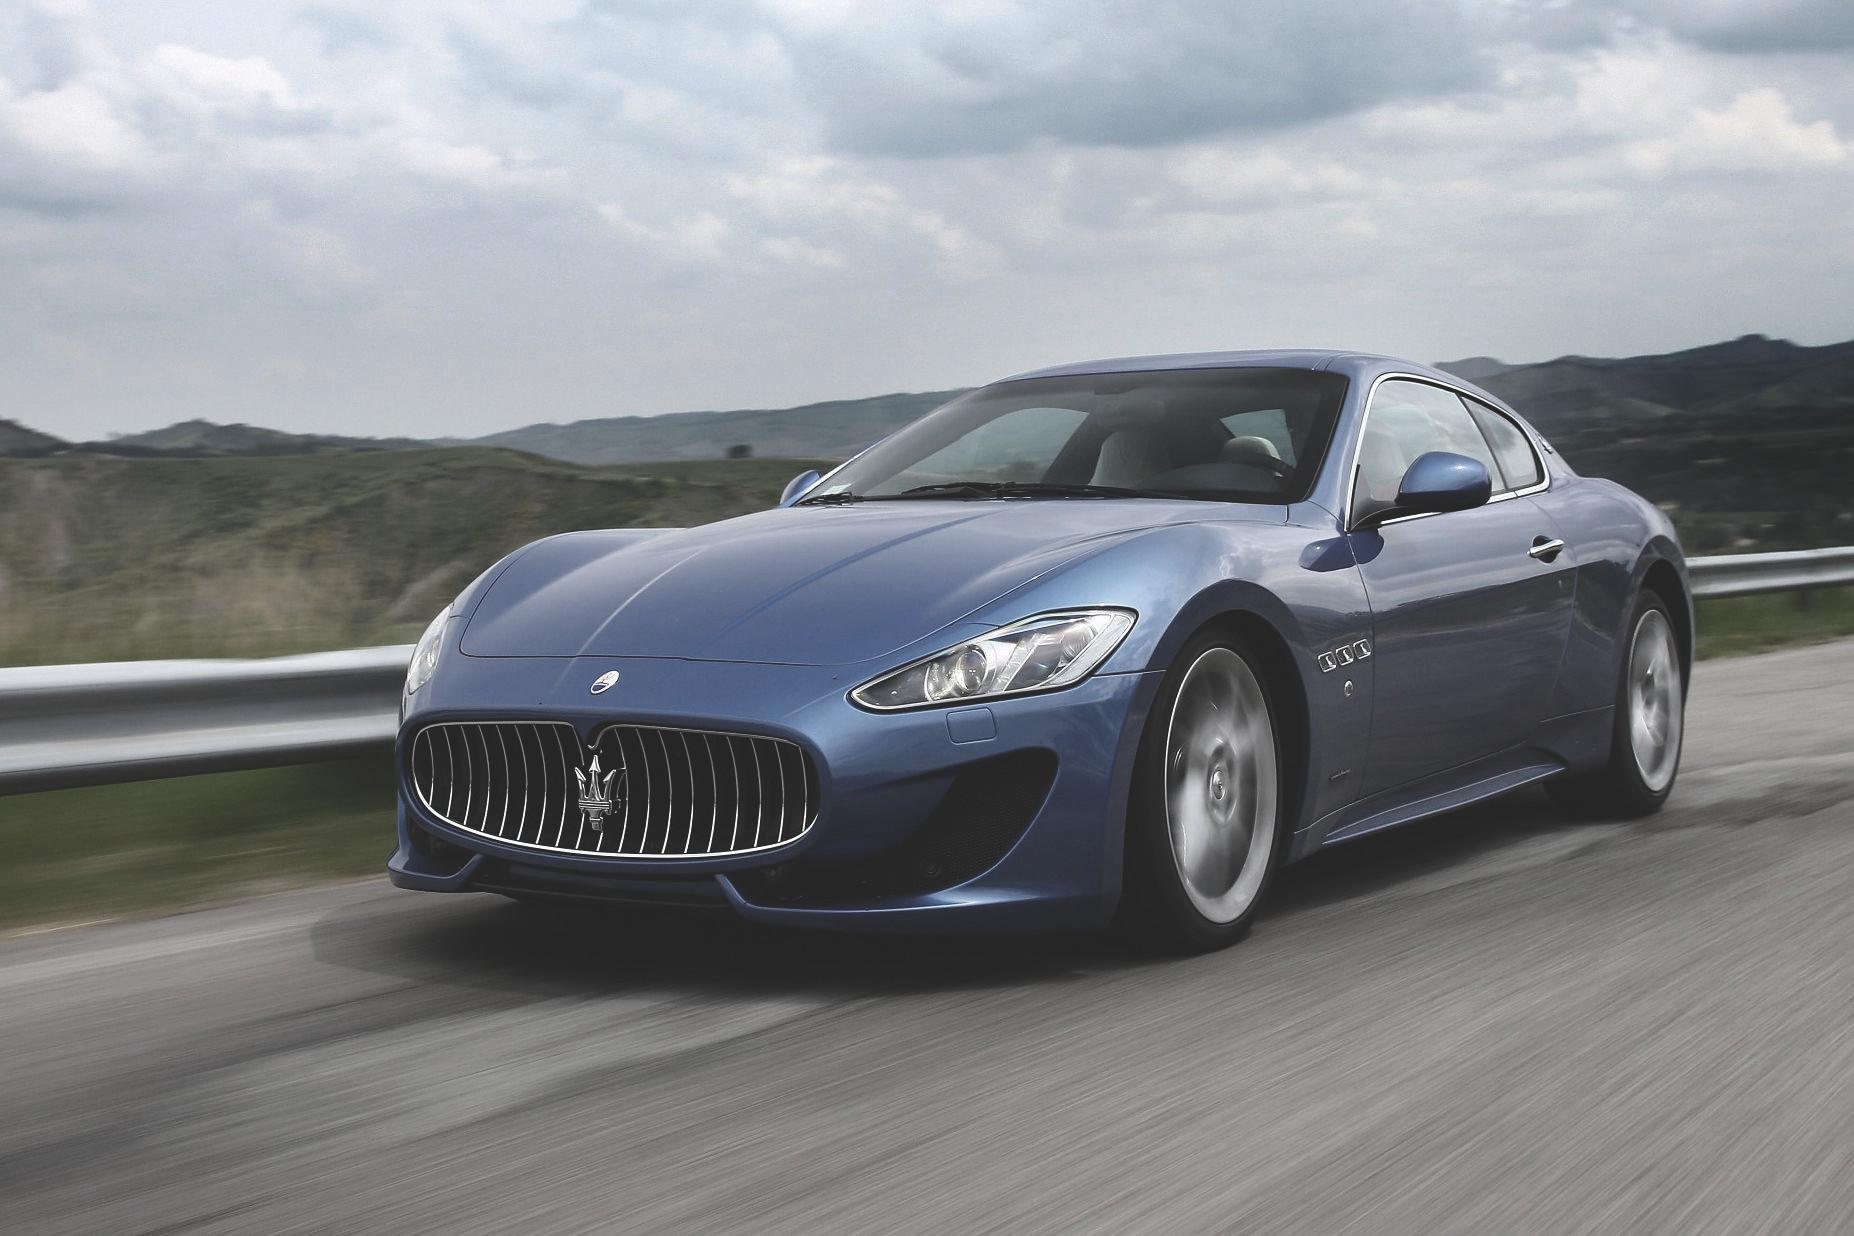 Ремонт лобового стекла Maserati